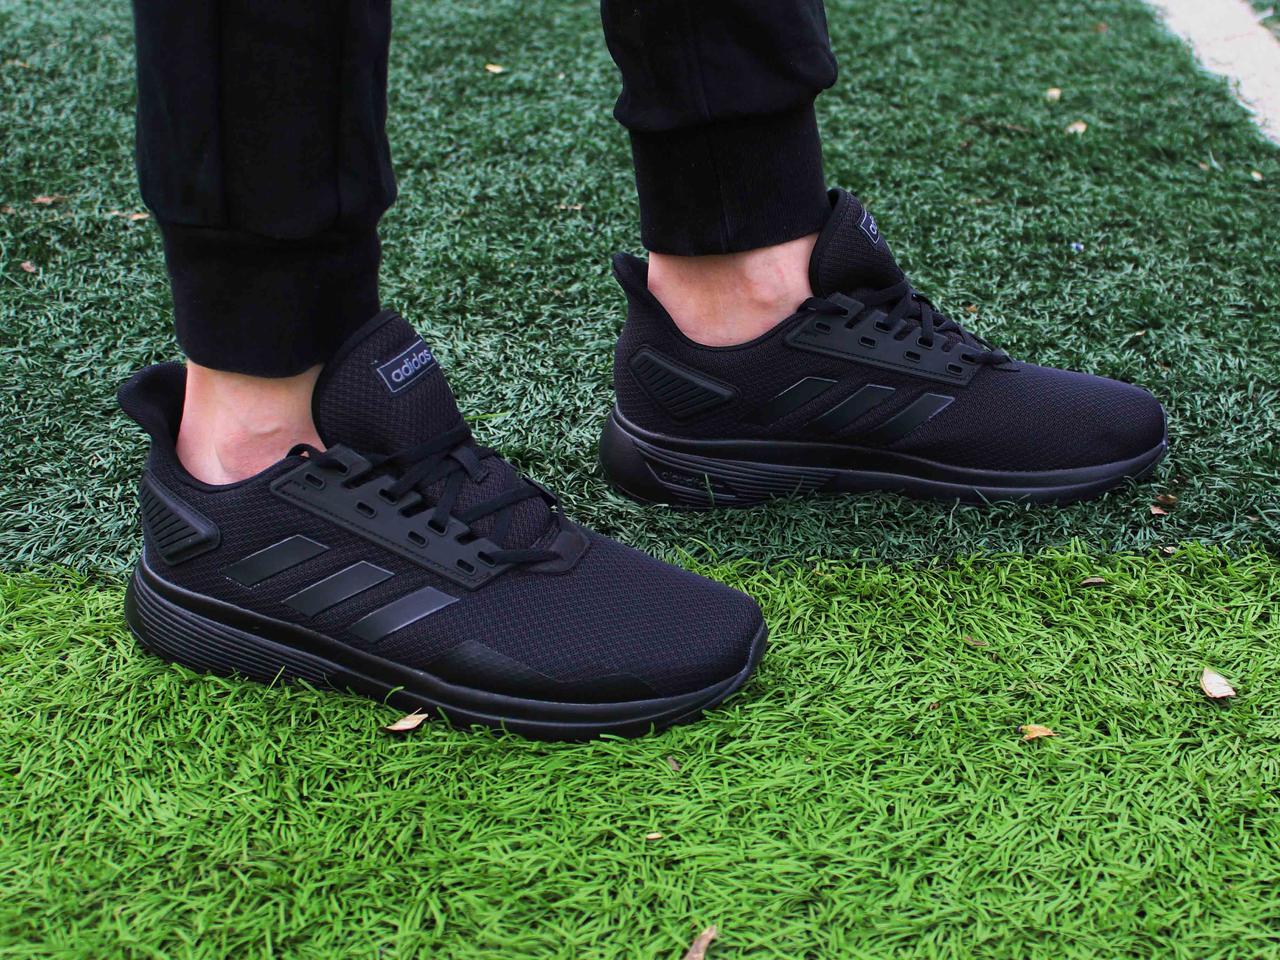 e8dc2c17661 Фирменные беговые мужские черные кроссовки Adidas Duramo 9 B96578 43 размер